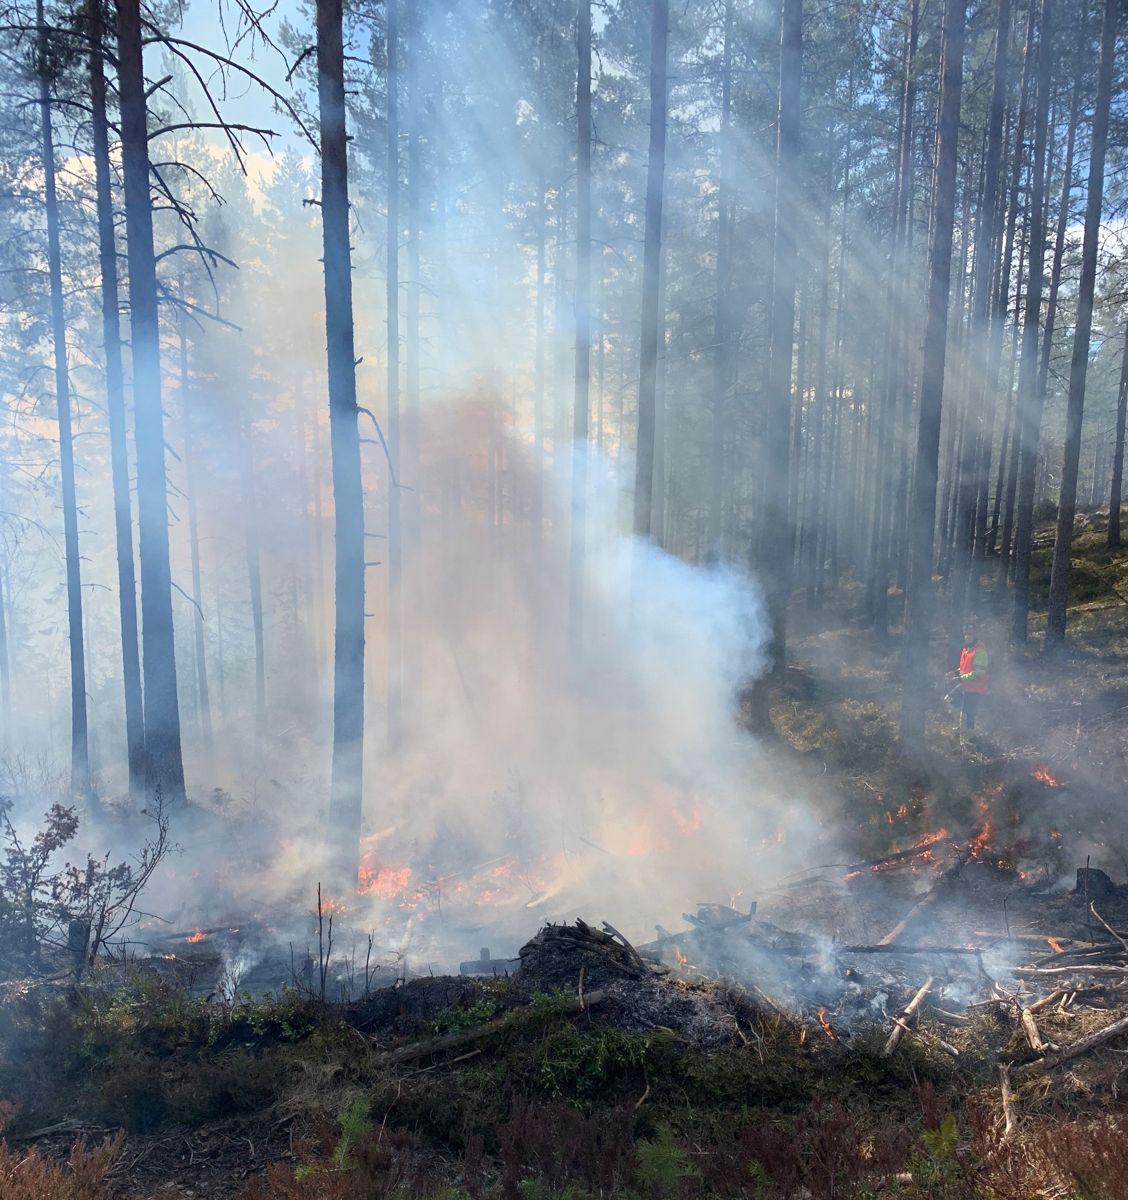 Kontrollert skogbrann er aktuelt miljøtiltak der ny E134 skal bygges mellom Kongsberg og Notodden. I forrige uke øvde brannvesenet i området med Statens vegvesen som interessert observatør. Foto: Kjell Wold